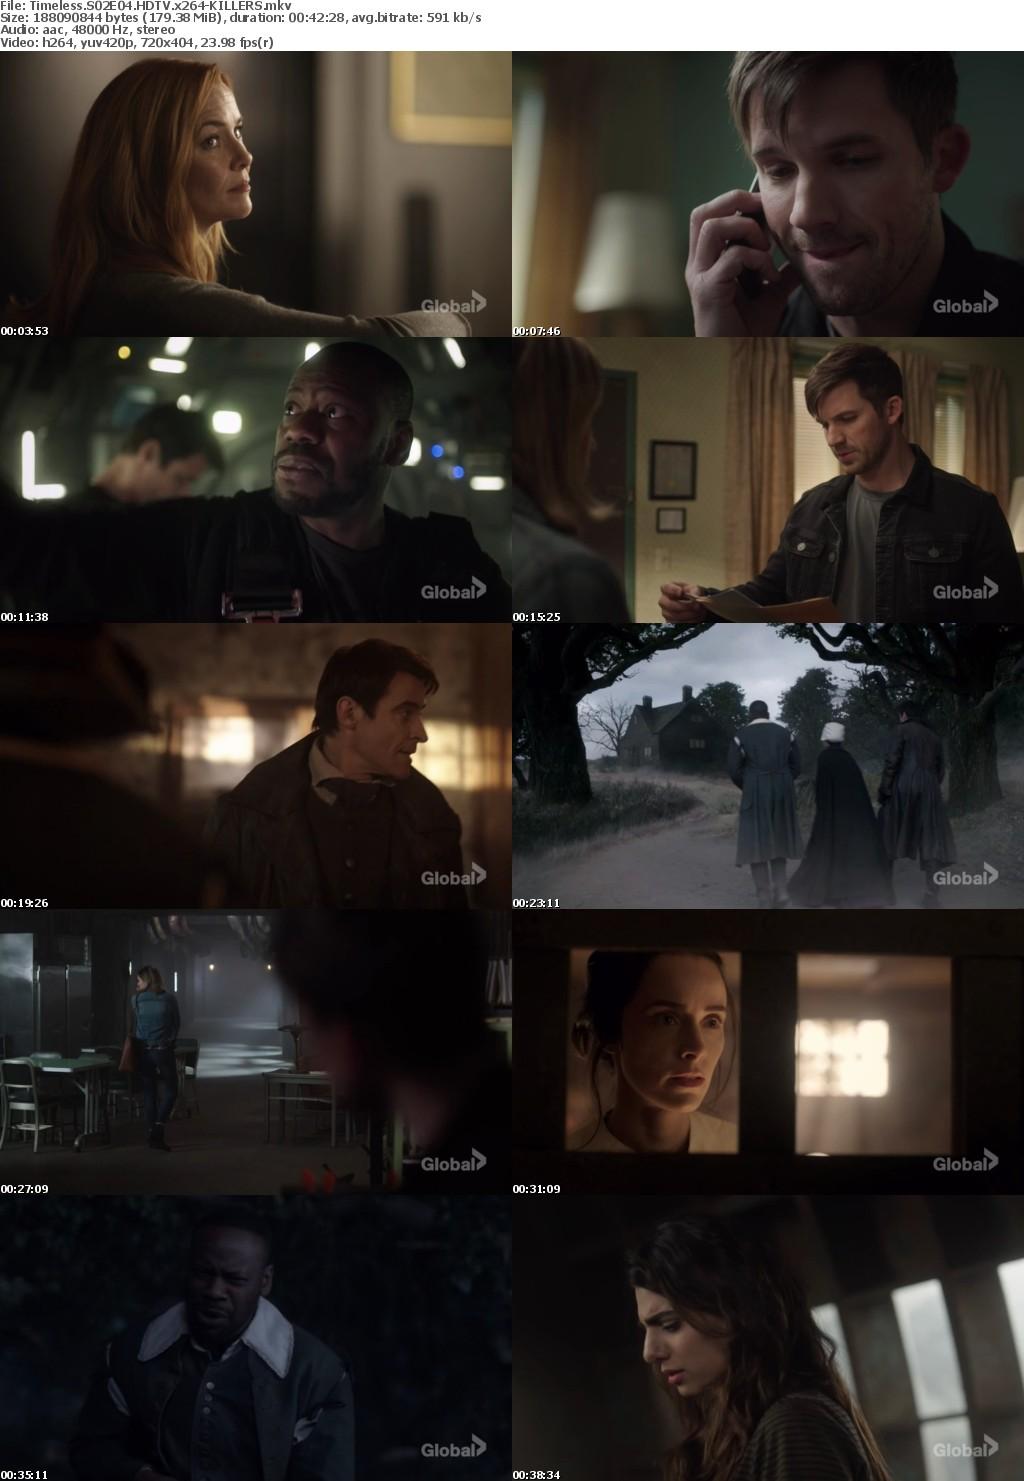 Timeless S02E04 HDTV x264-KILLERS